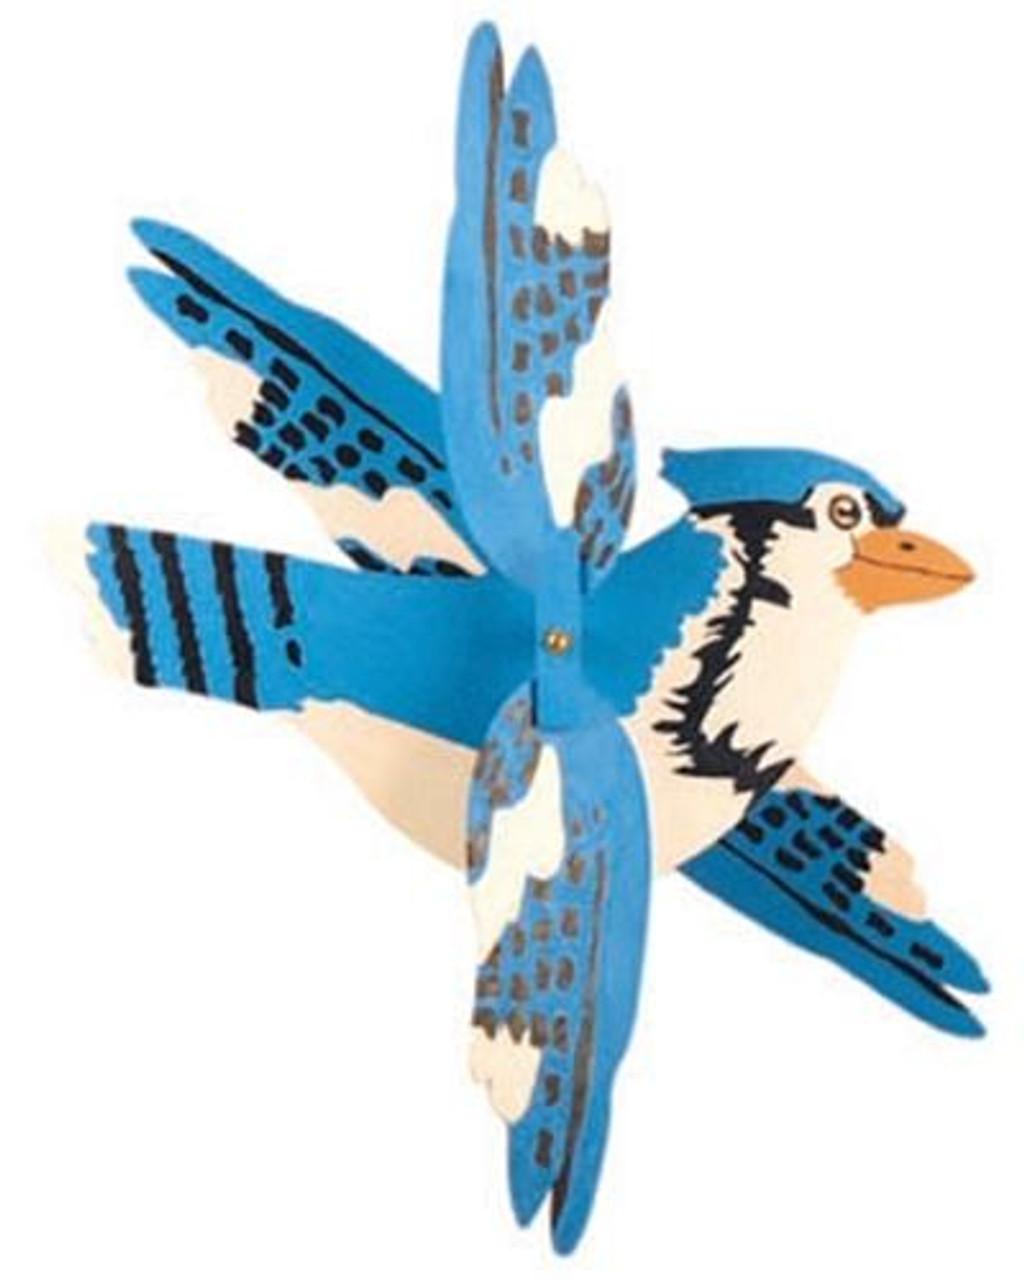 Cherry Tree Toys Bluejay Whirligig DIY Kit